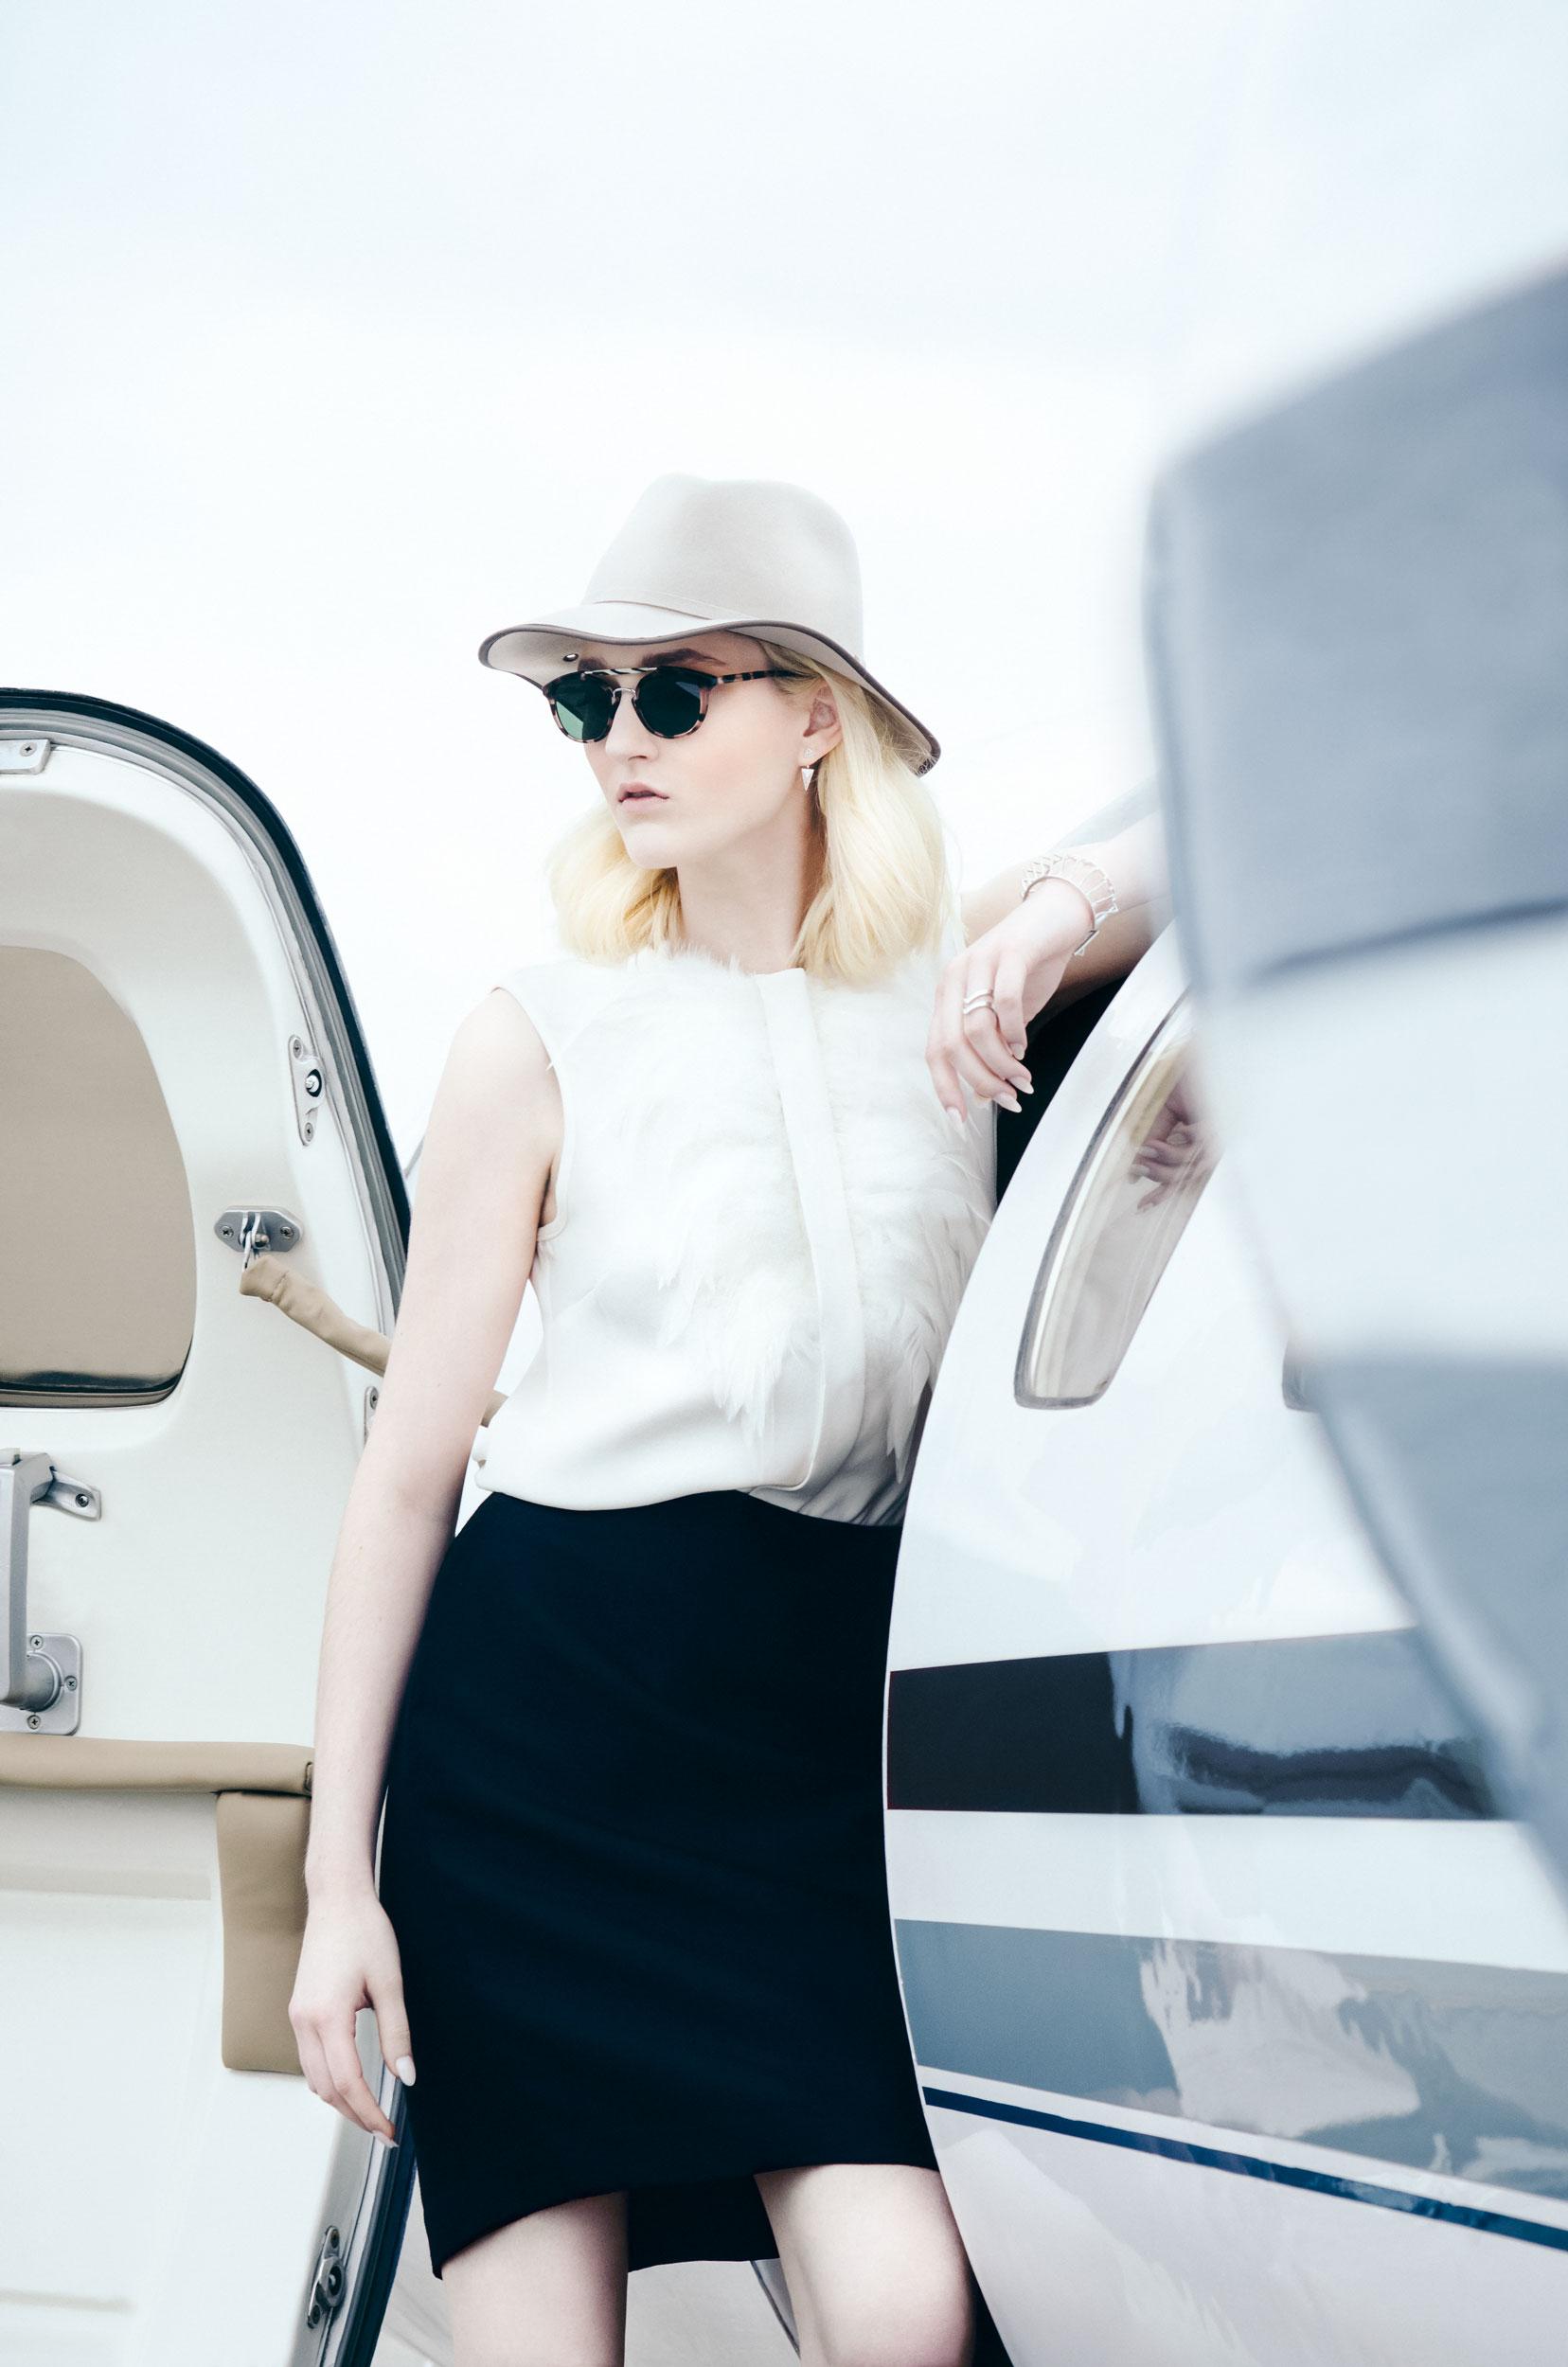 Augusta_Sagnelli_fashion_photographer_new_orleans_06.jpg